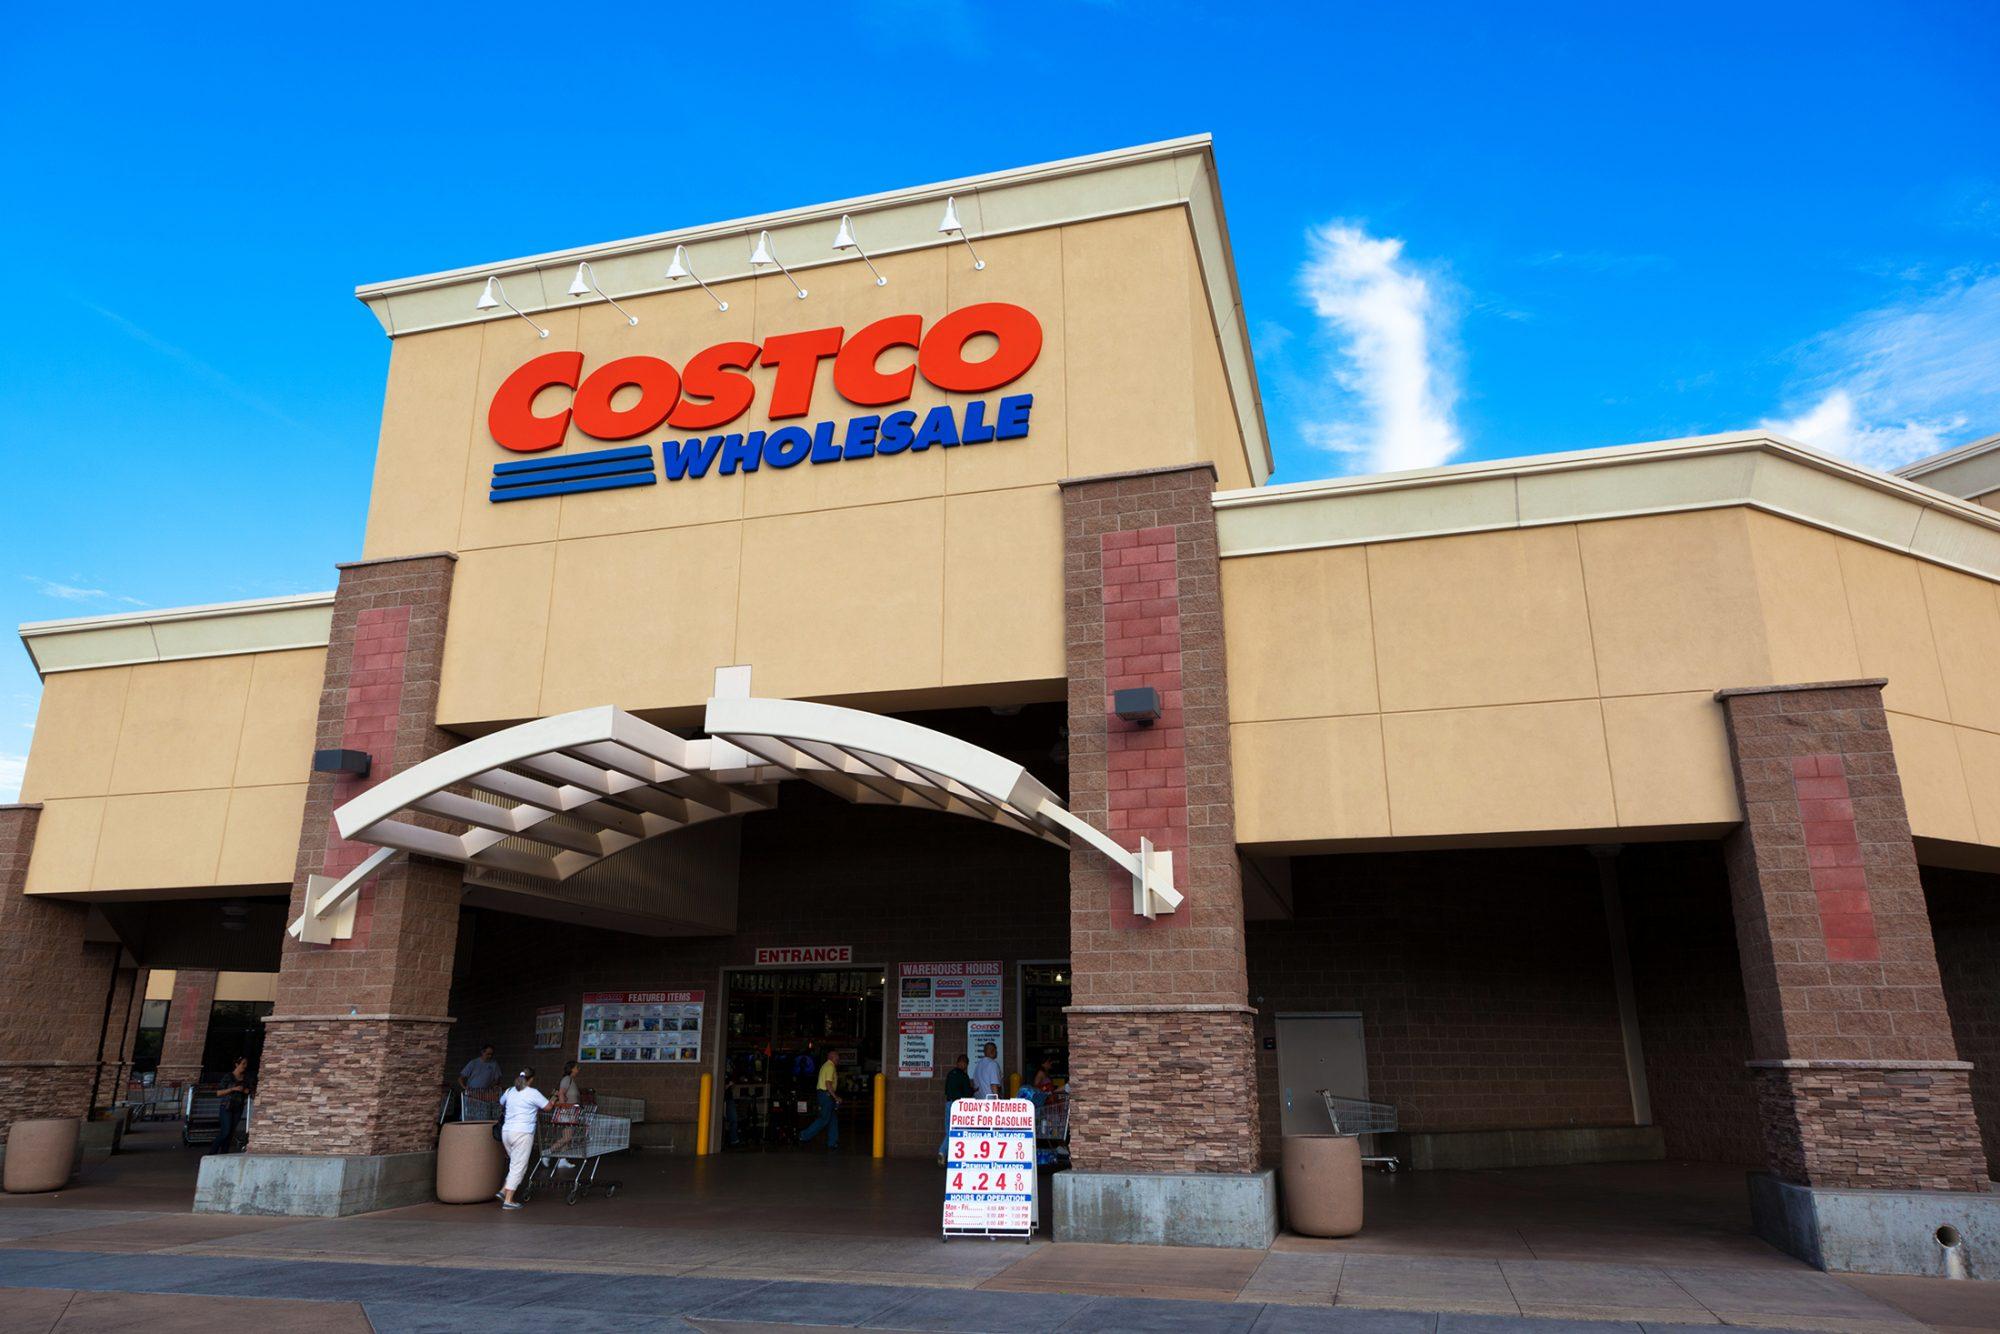 costco-entrance-458589277.jpg